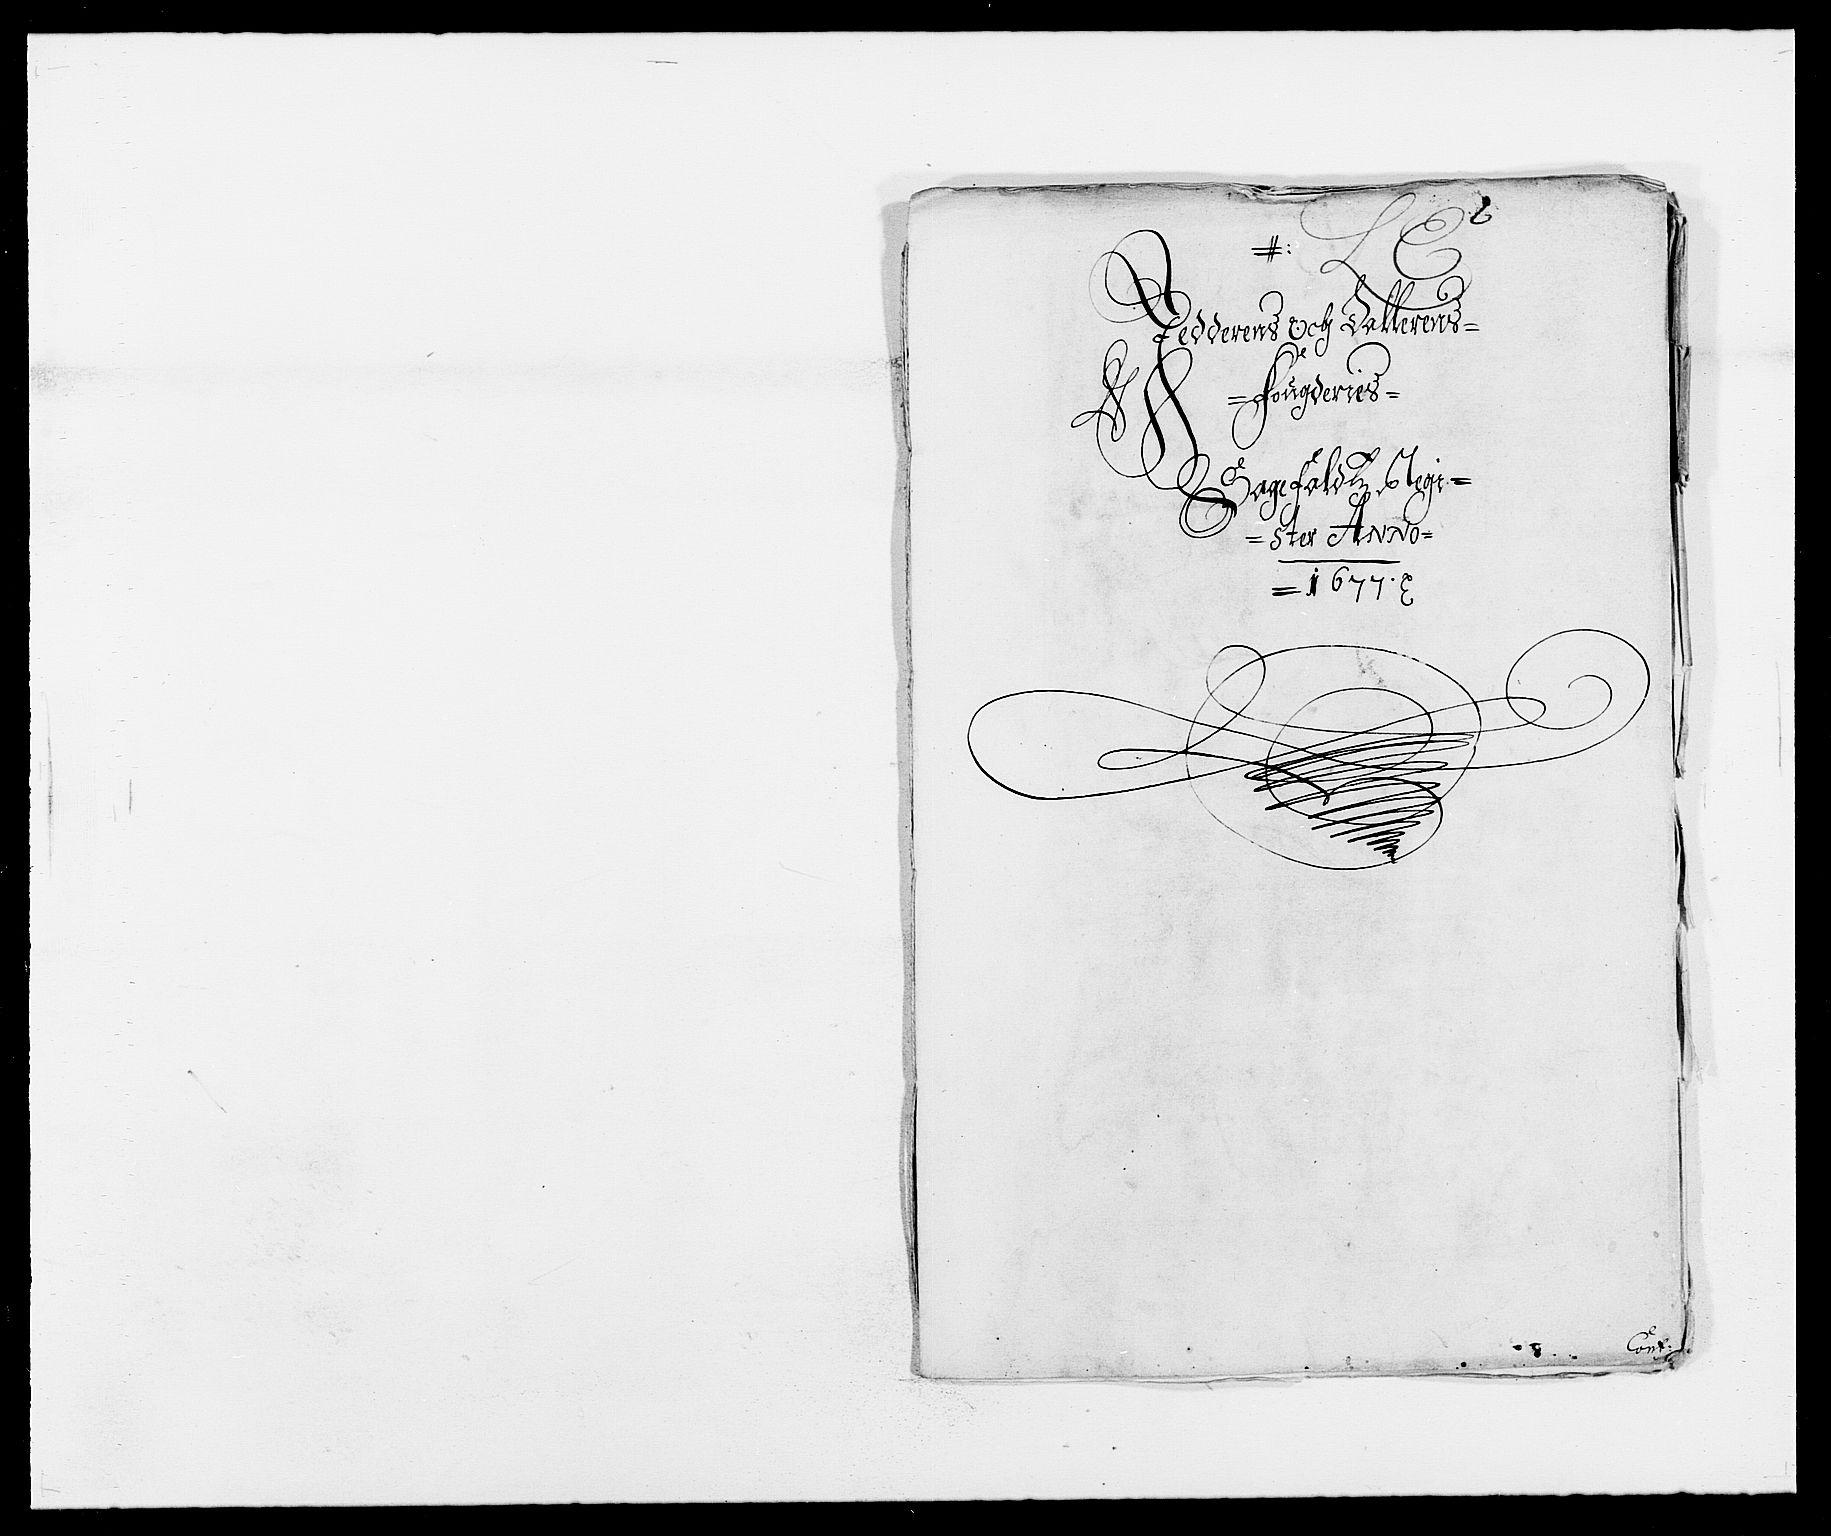 RA, Rentekammeret inntil 1814, Reviderte regnskaper, Fogderegnskap, R46/L2717: Fogderegnskap Jæren og Dalane, 1677, s. 97